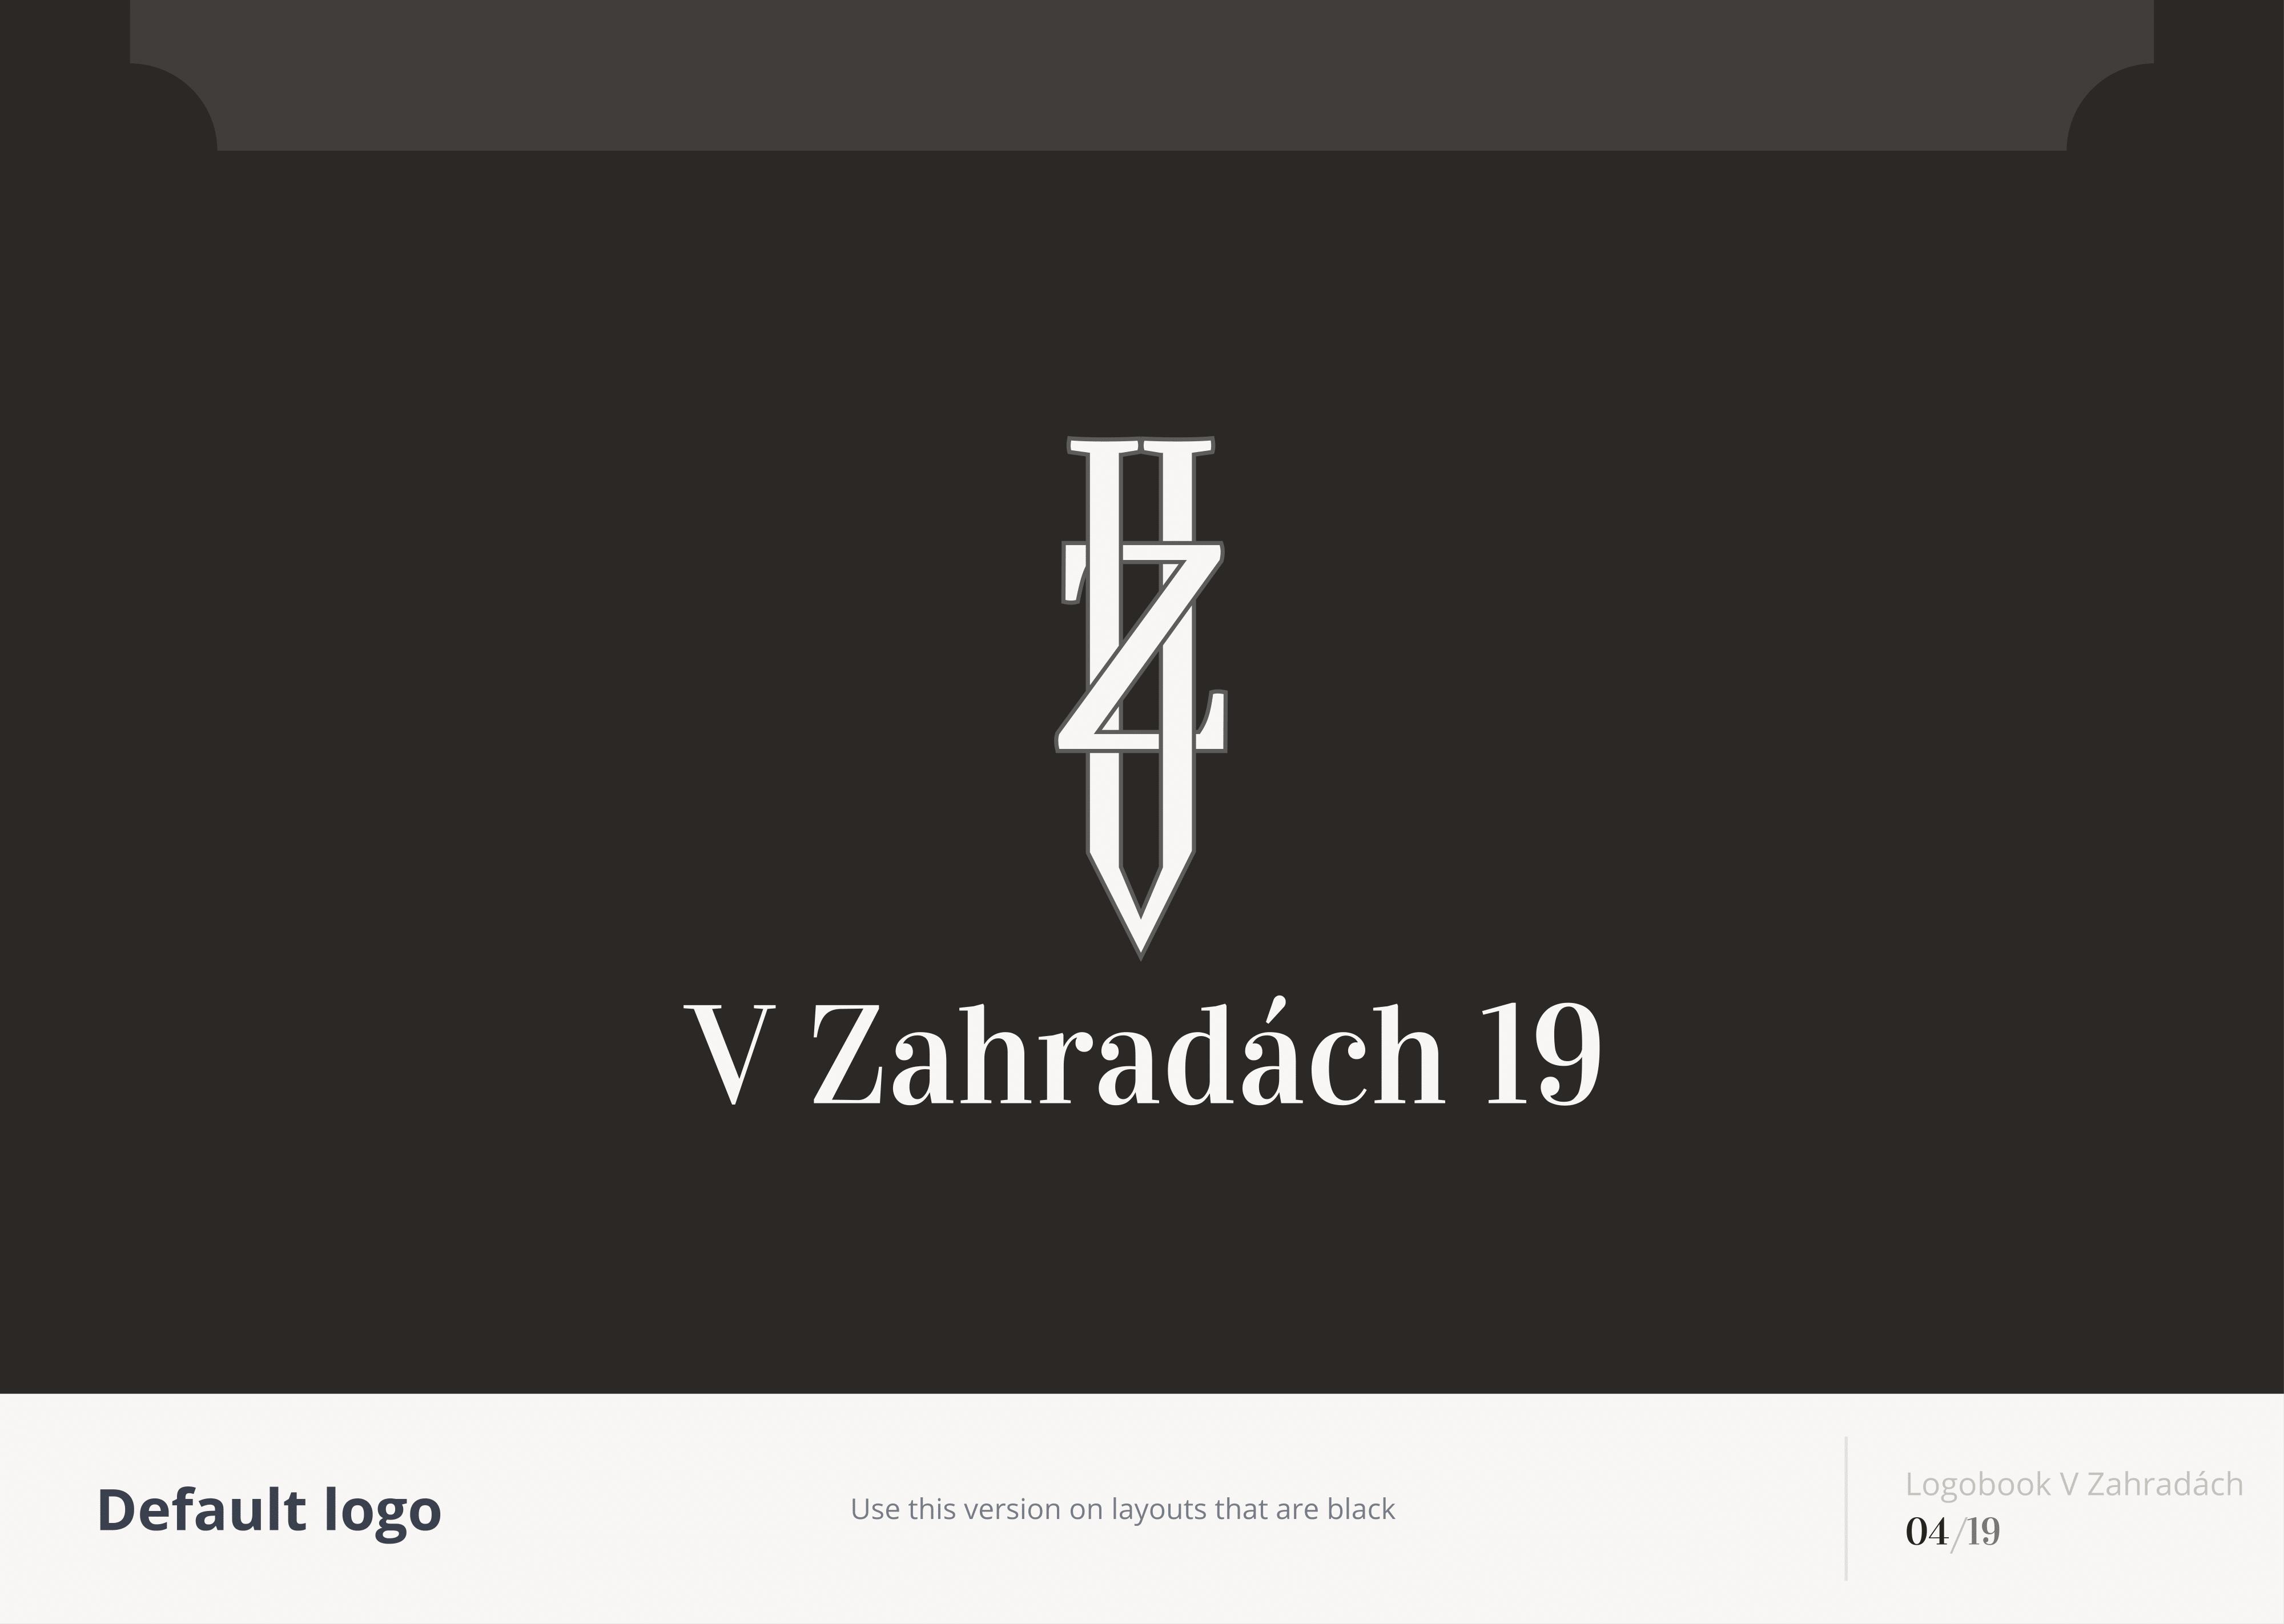 V_Zahradach_19_(Logobook)_2021-04